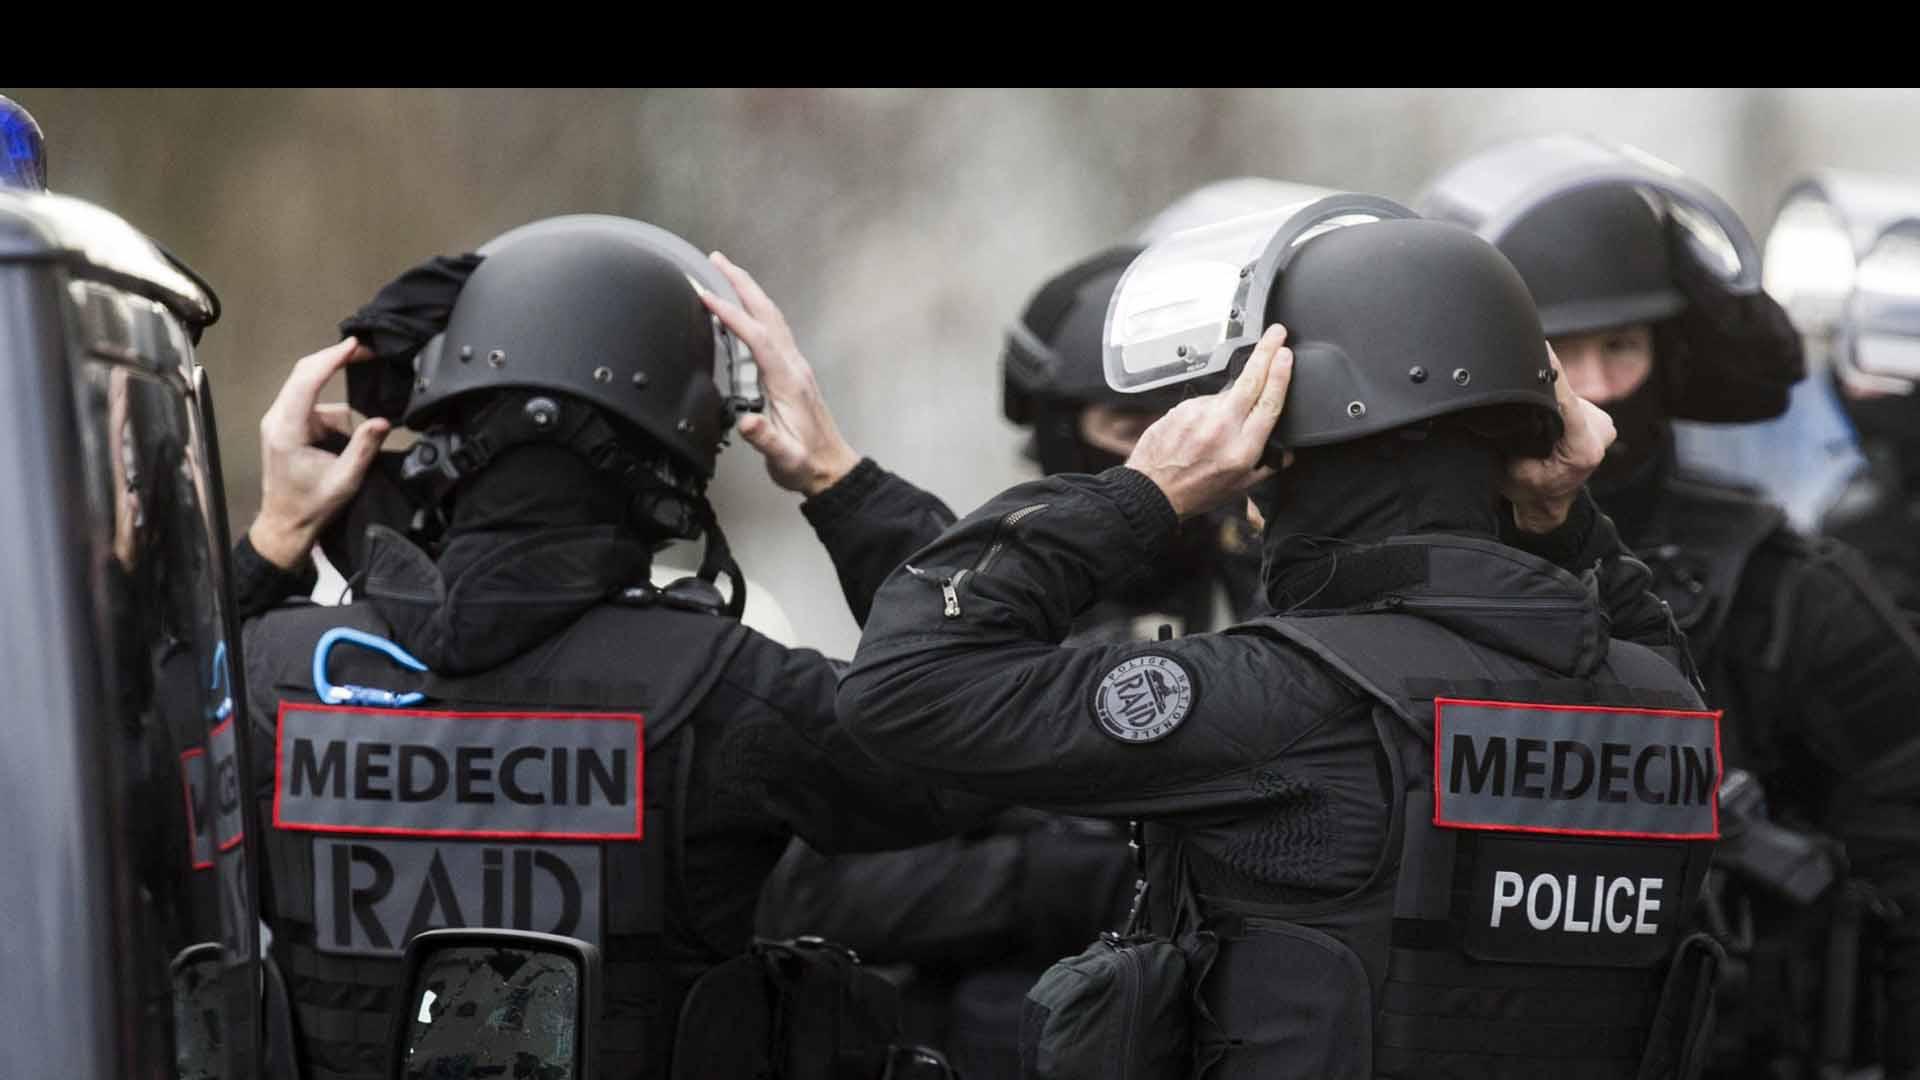 Autoridades aseguran que el grupo ETA, que exigía la independencia del País Vasco, es quien almacenaba los armamentos